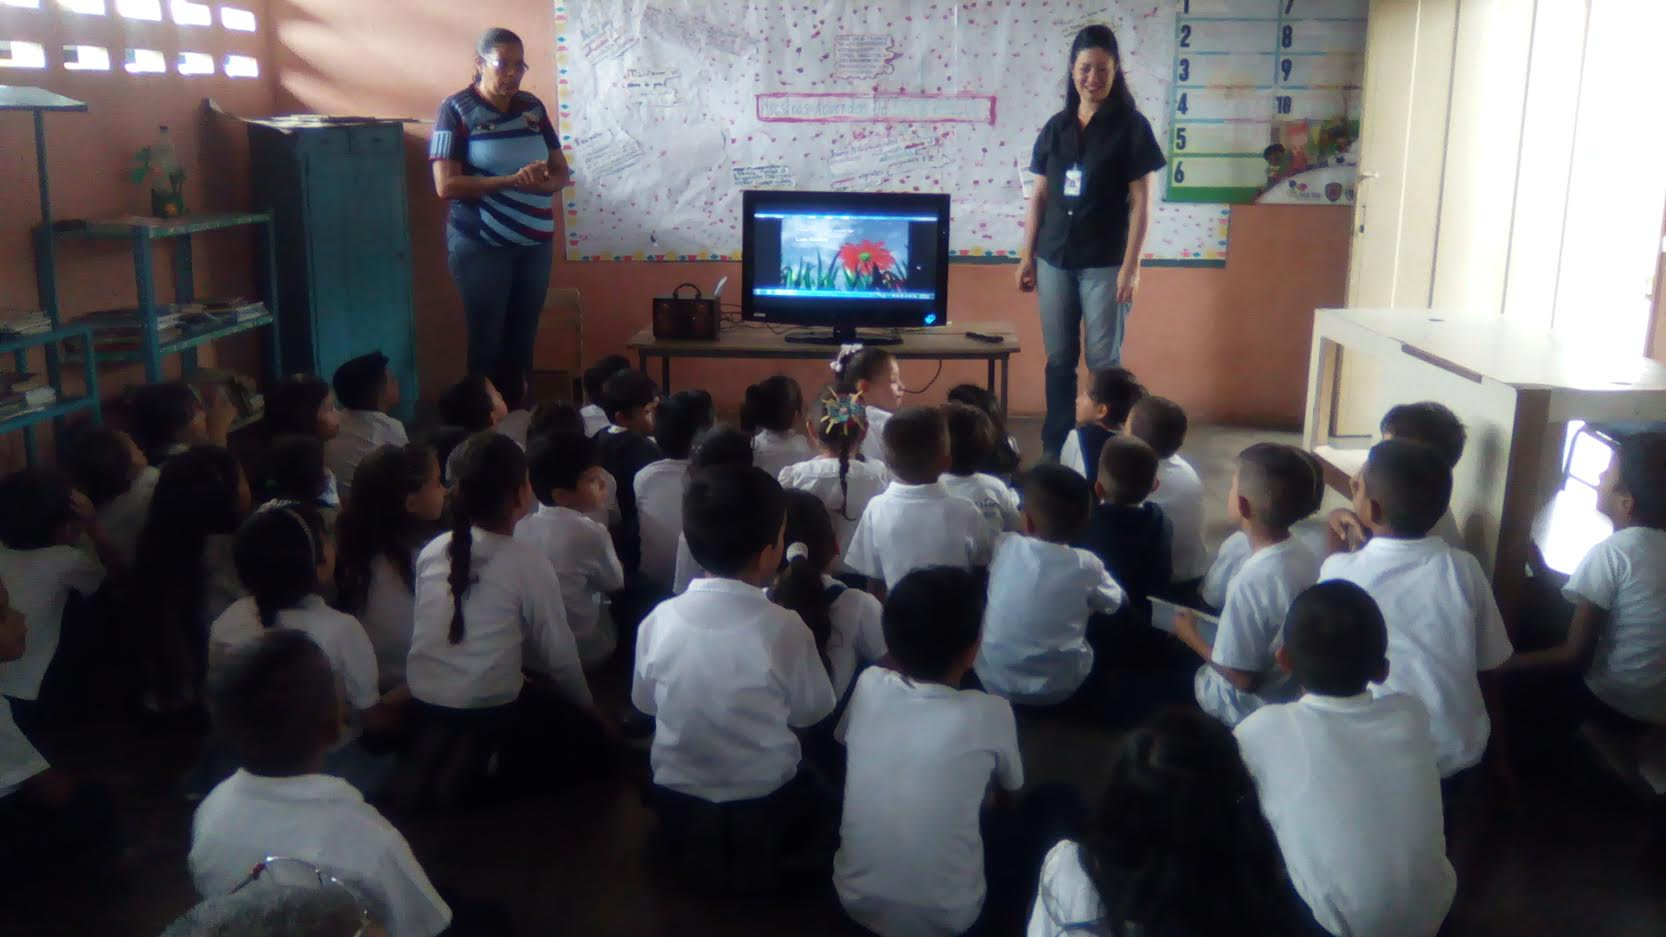 """Senades organiza cine – foro """"Las armas no son juegos, sí a la paz"""" en centro educativo de Trujillo"""